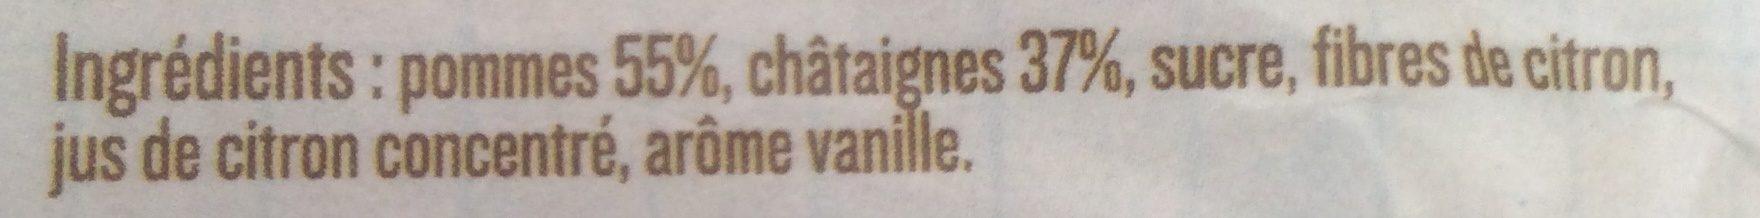 Les desserts de Chataignes d'Ardèche - Ingrédients - fr